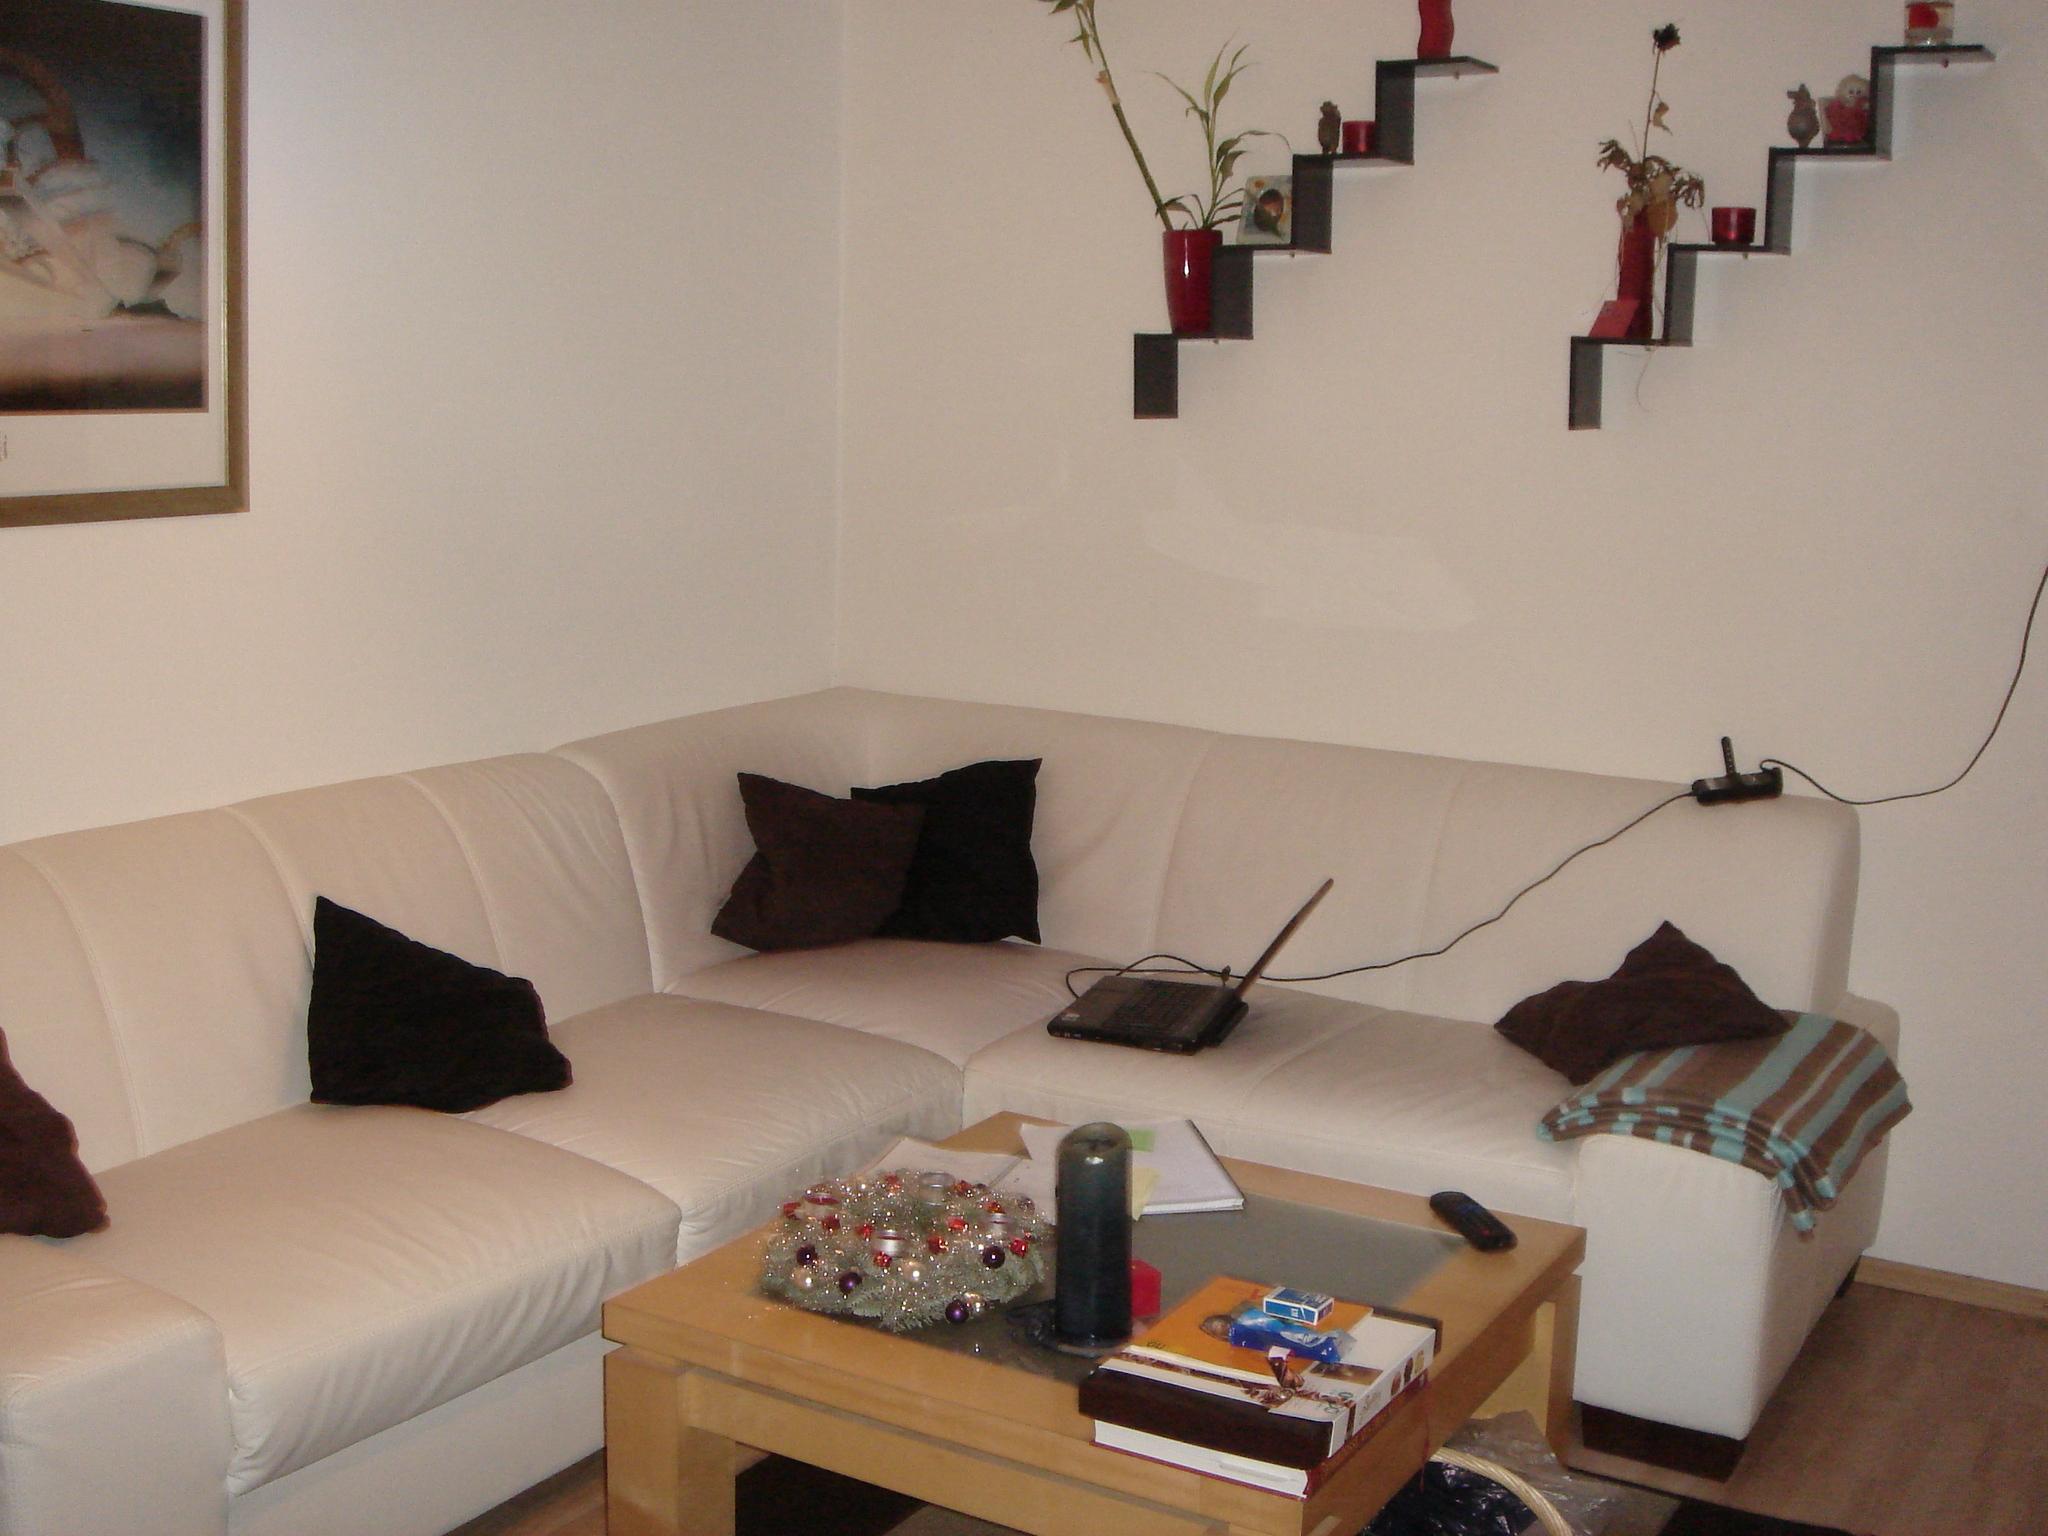 m bel und haushalt kleinanzeigen in frankfurt am main seite 4. Black Bedroom Furniture Sets. Home Design Ideas